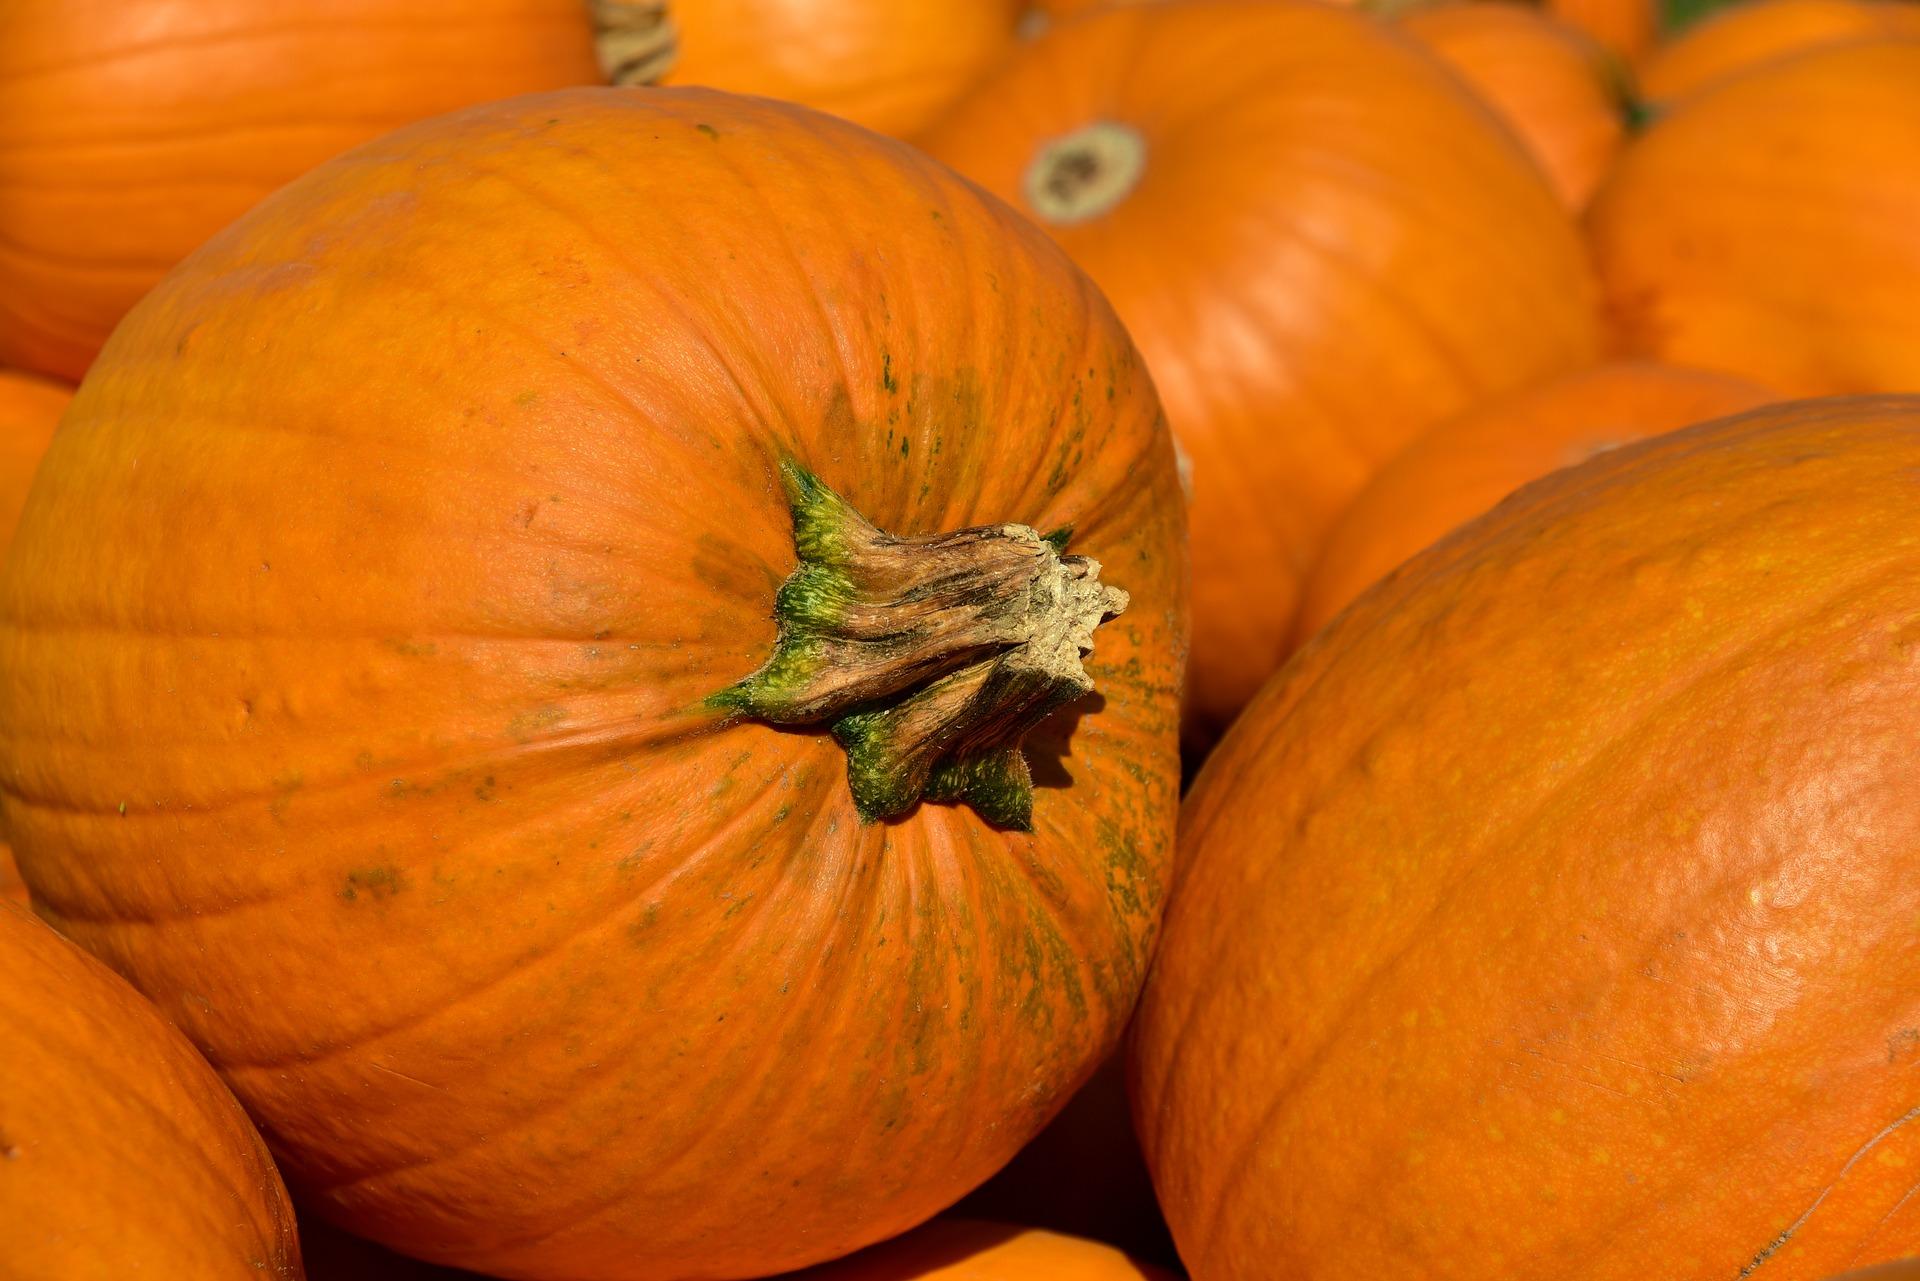 Nahaufnahme eines knallig-orangenen Kürbis, der in einem Haufen andere Kürbisse liegt.